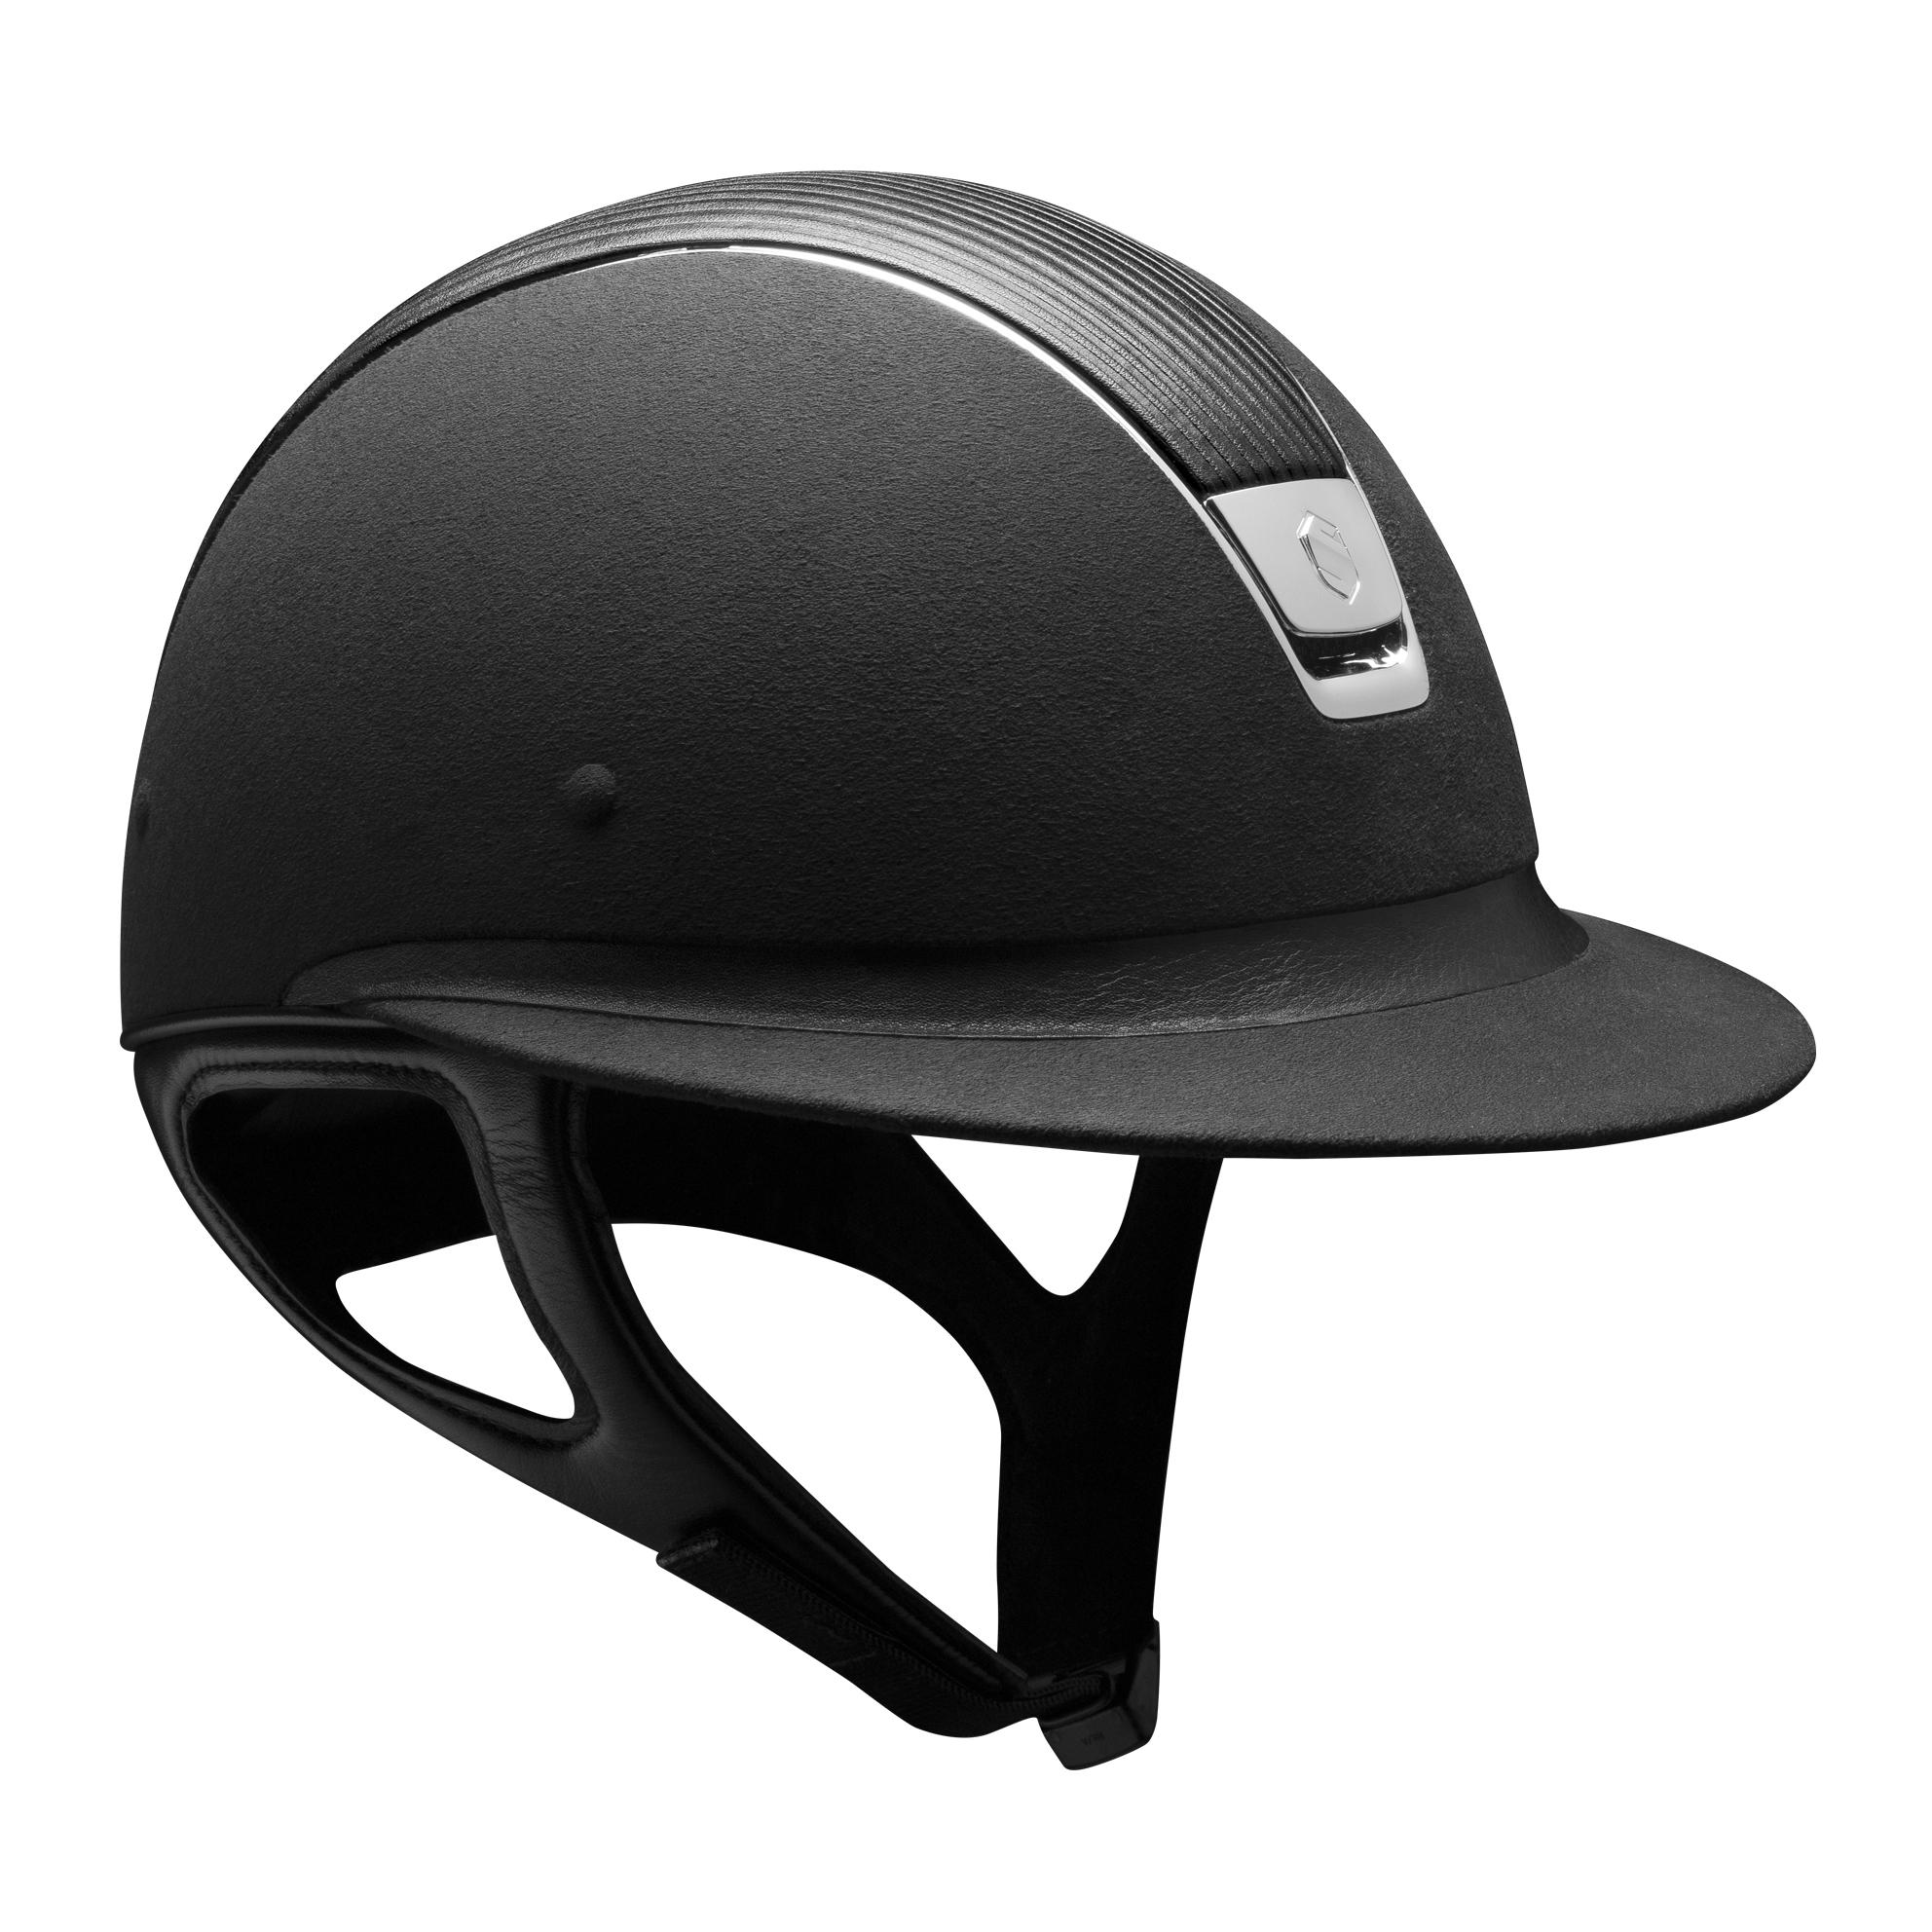 Samshield Helm Premium Alcantara Black-Chrom Schwarz